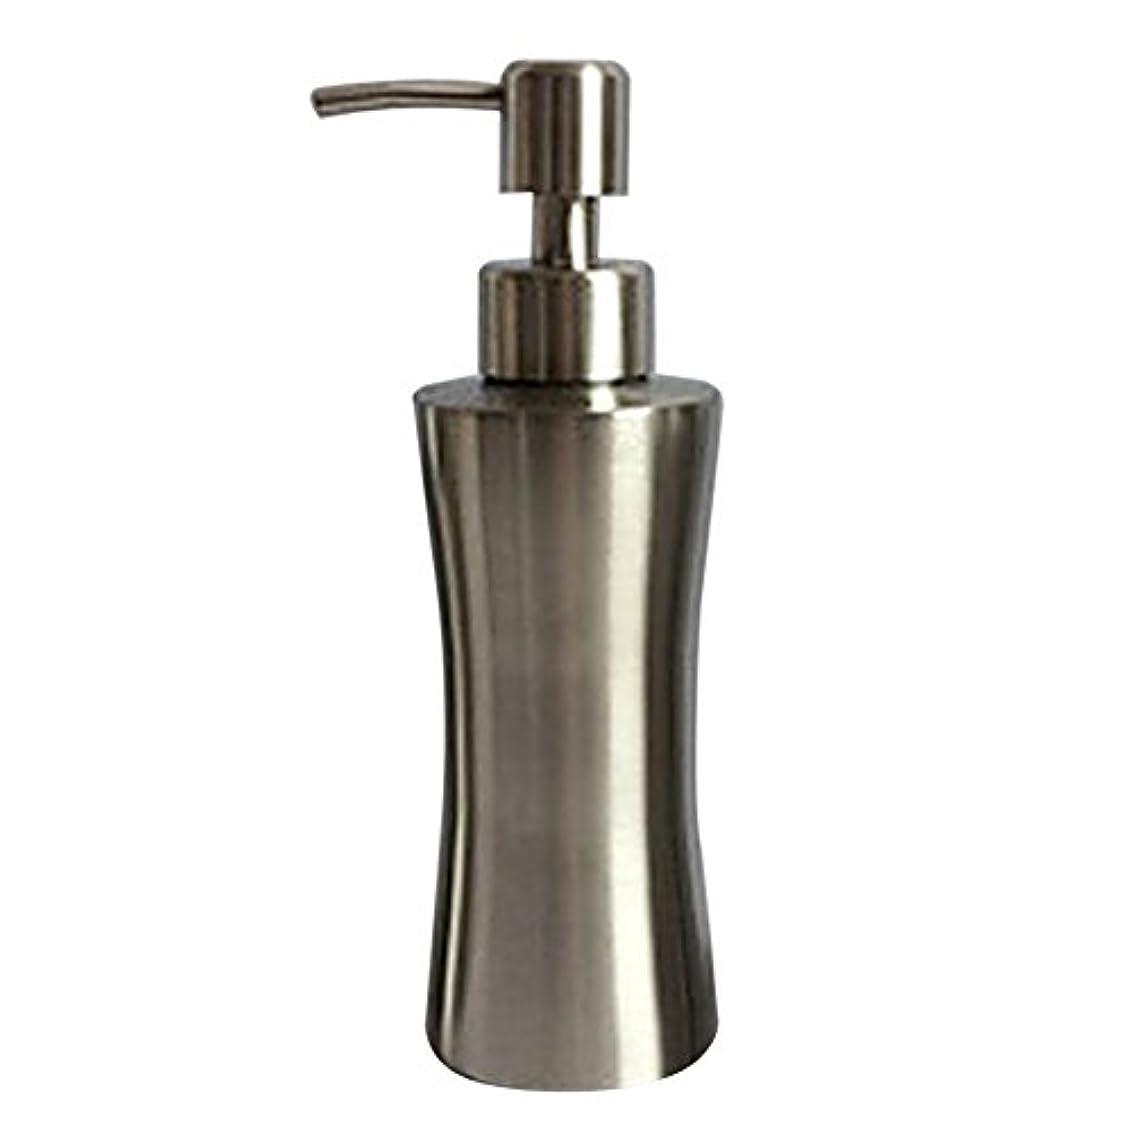 似ている投獄失業ディスペンサー ステンレス ボトル 容器 ソープ 石鹸 シャンプー 手洗いボトル 耐久性 錆びない 220ml/250ml/400ml (B:250ml)